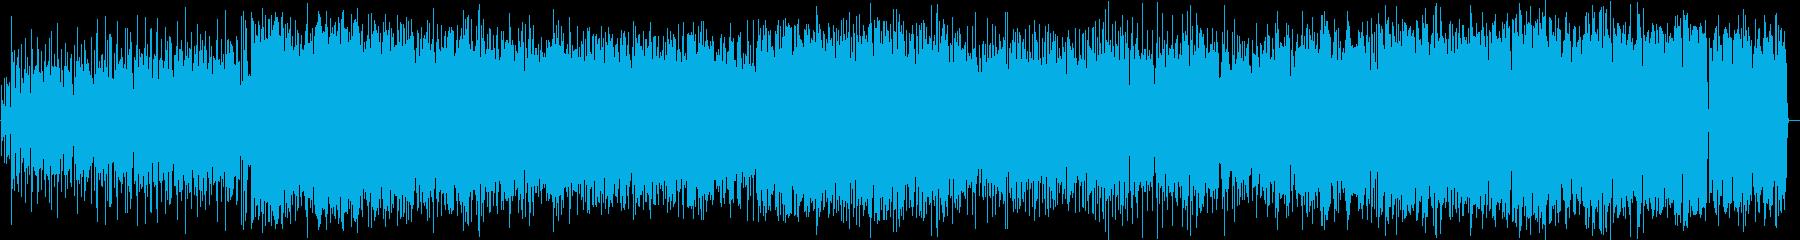 レトロゲーム風のSKA+女性Vocalの再生済みの波形